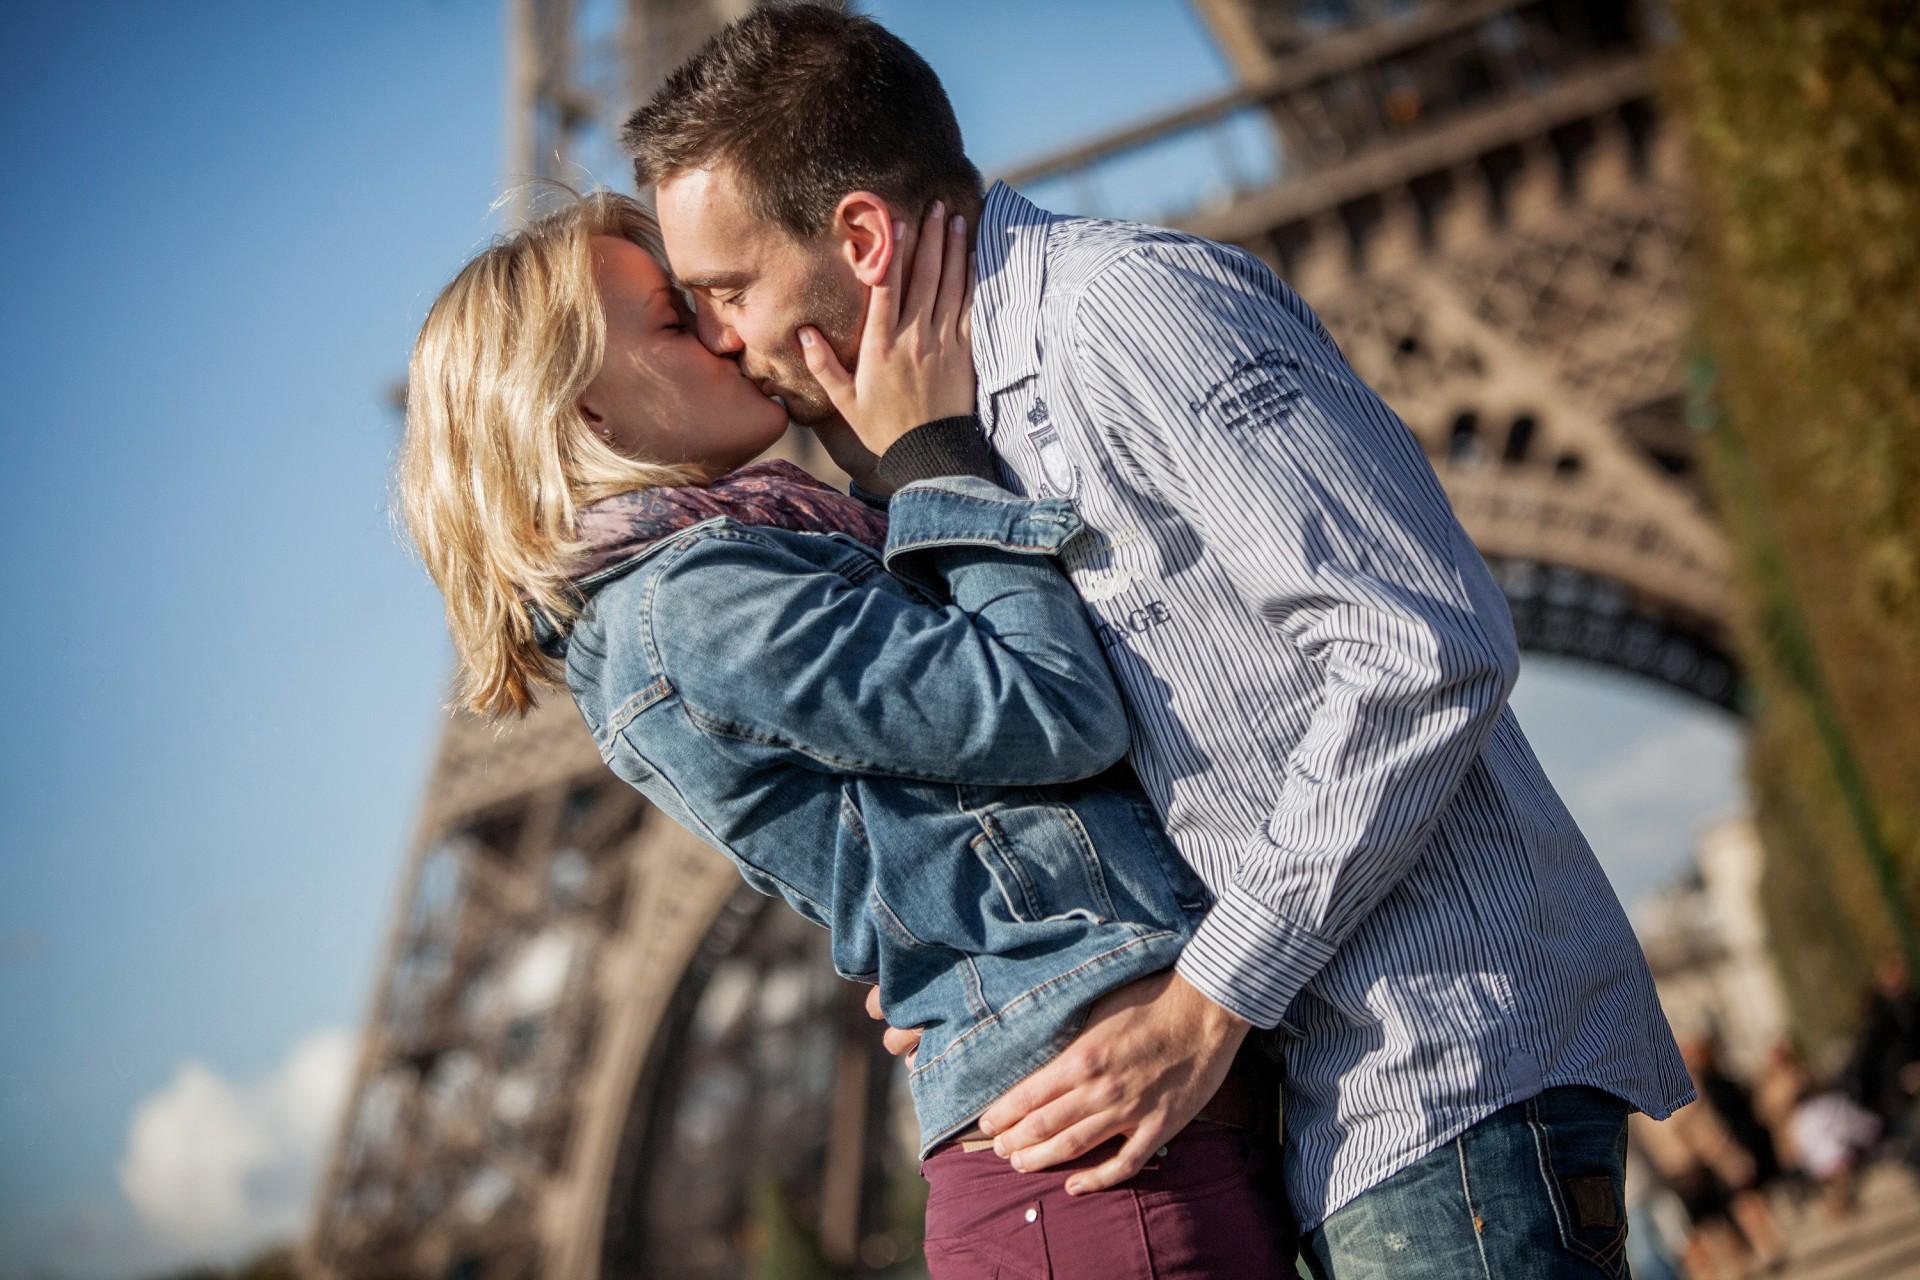 Herbstromantisches Fotoshooting in Paris am Eiffelturm